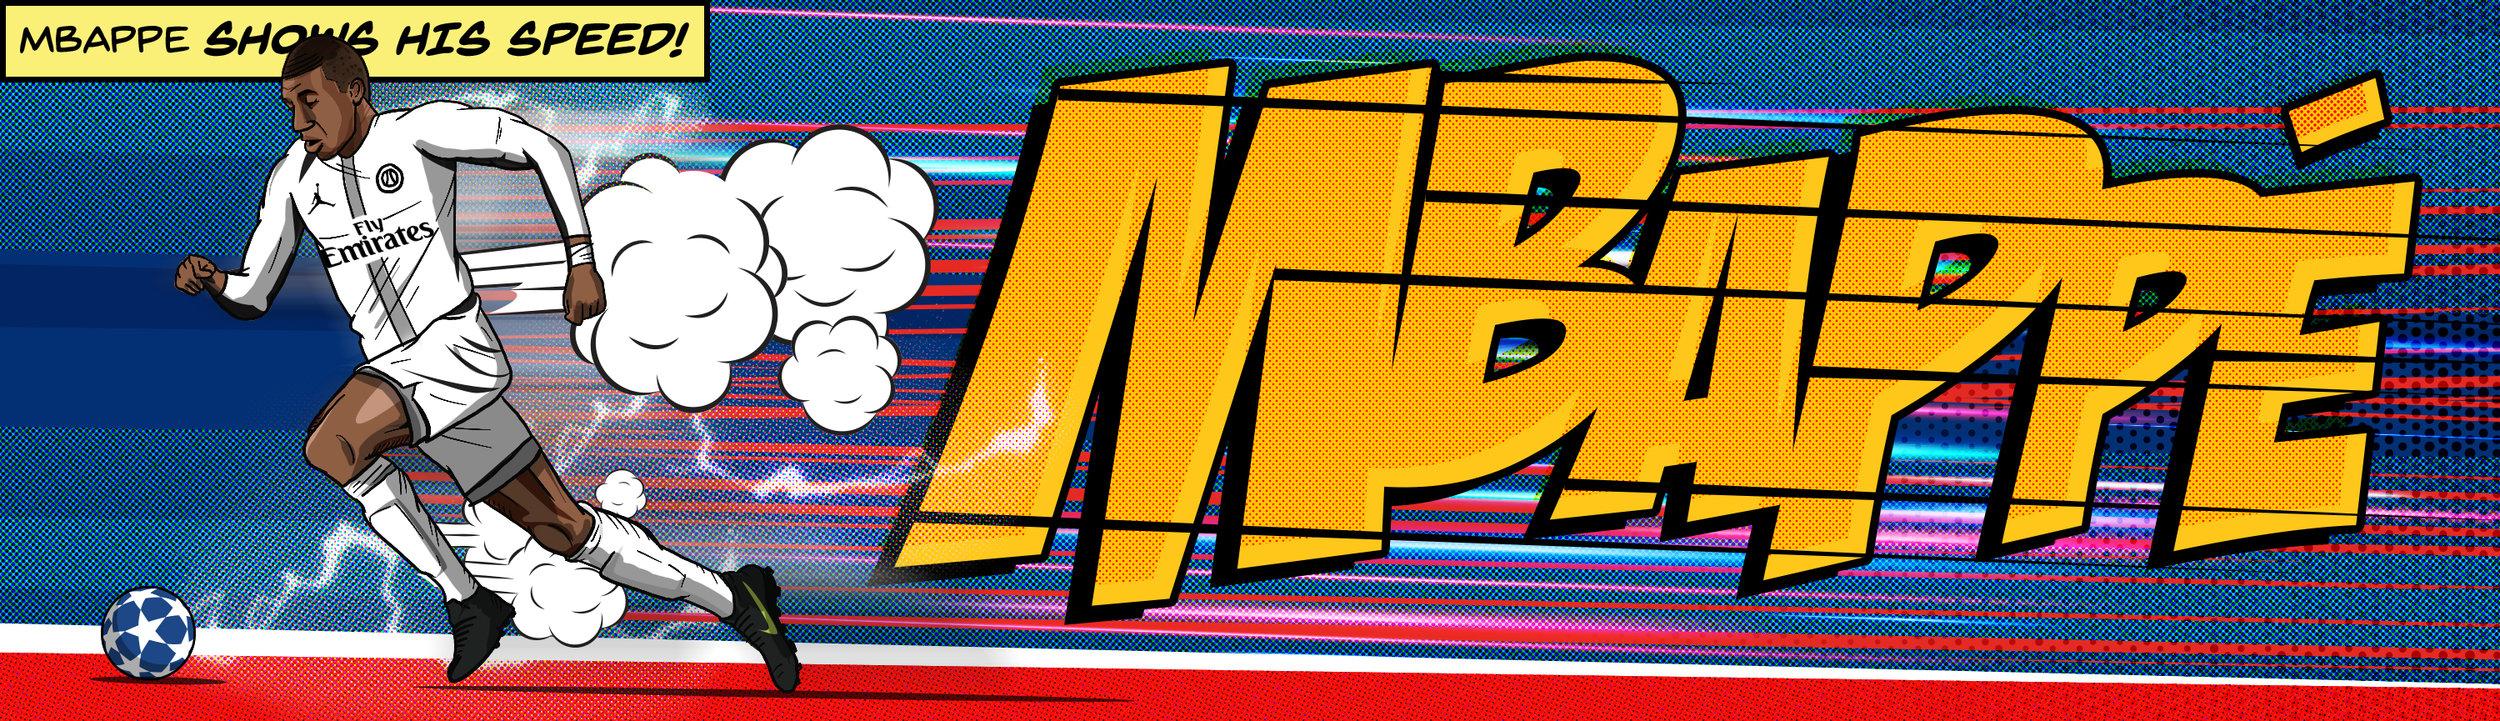 Mbappe2.jpg